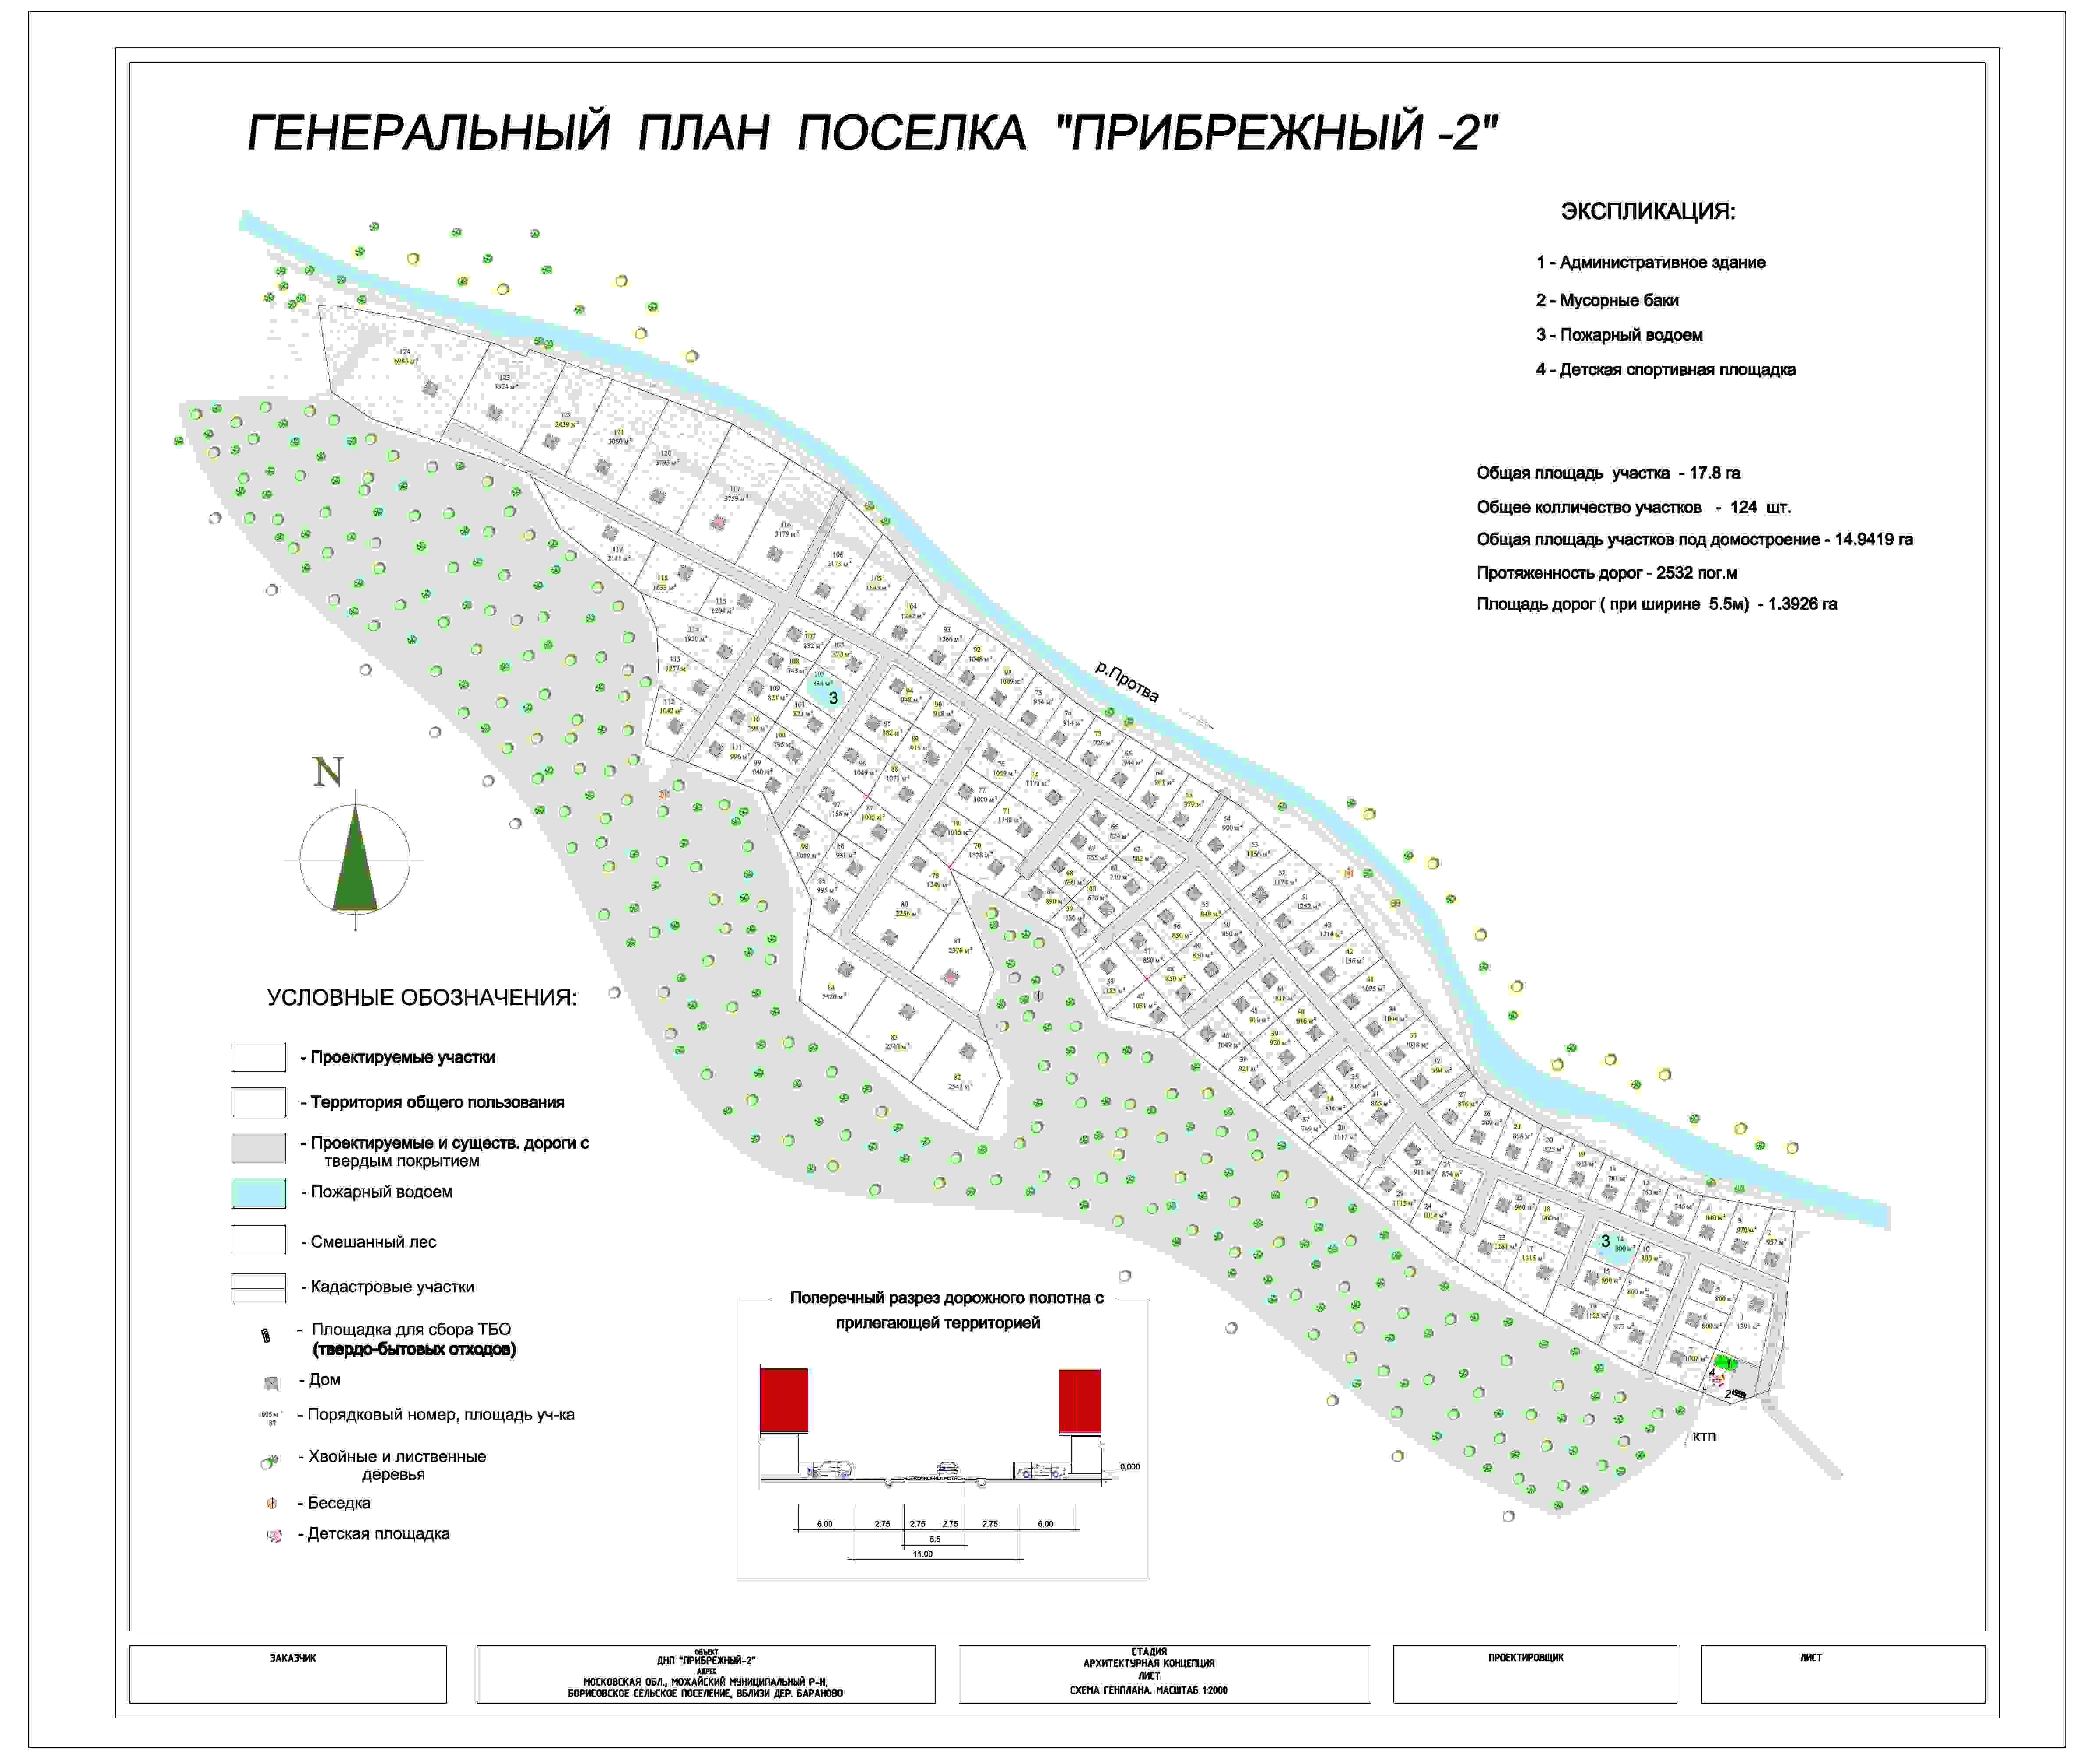 КП «Прибрежный 2» генплан №1